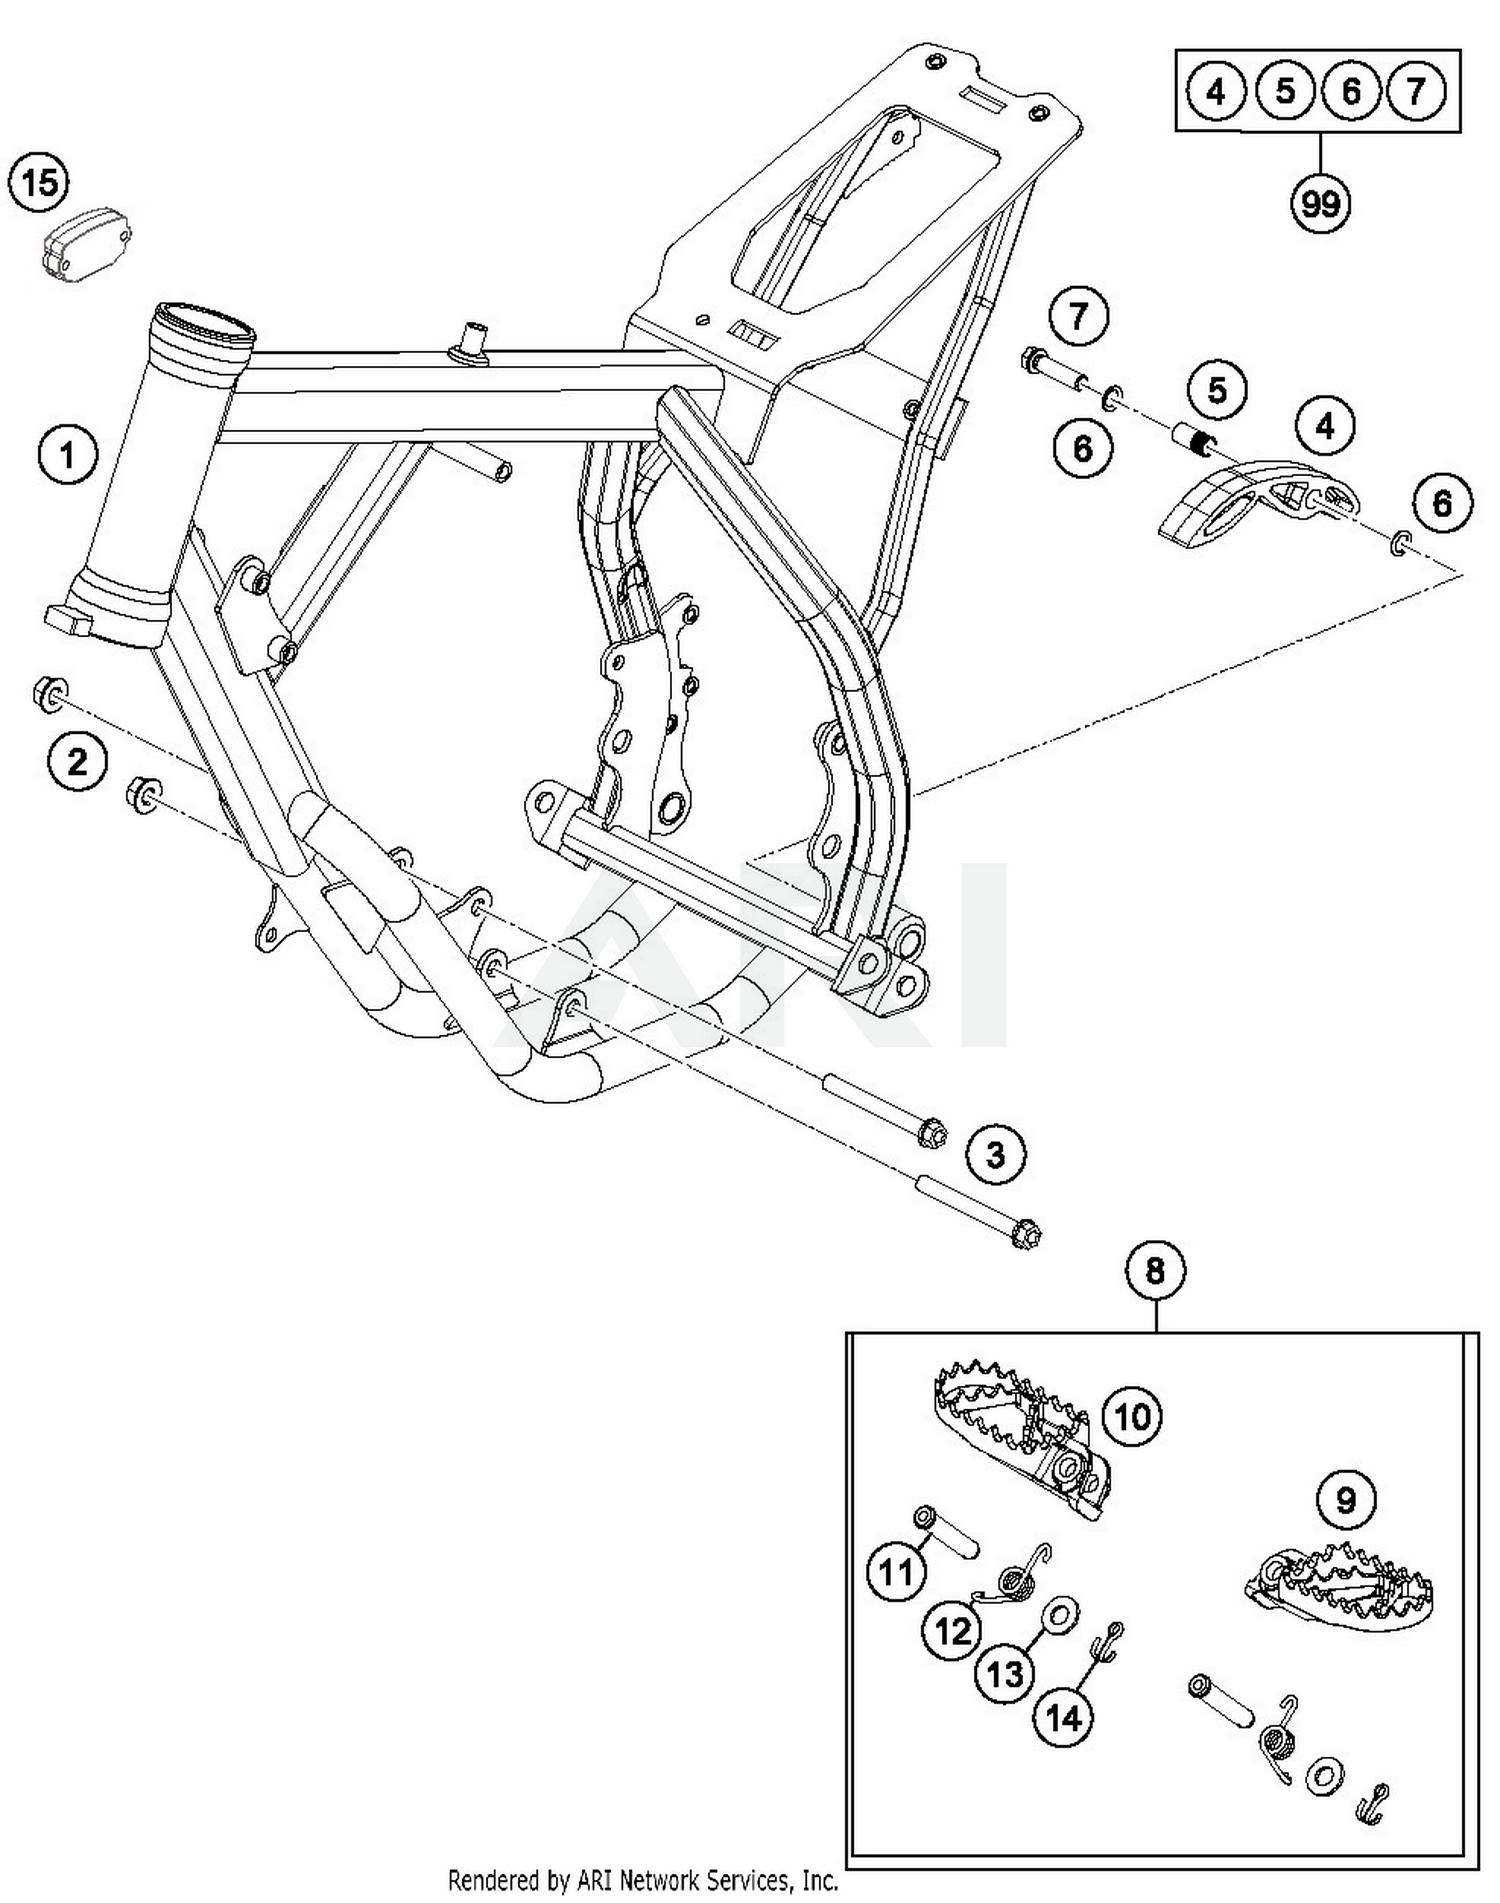 Ktm 300 Starter Wiring Diagram - Wiring Diagram Example